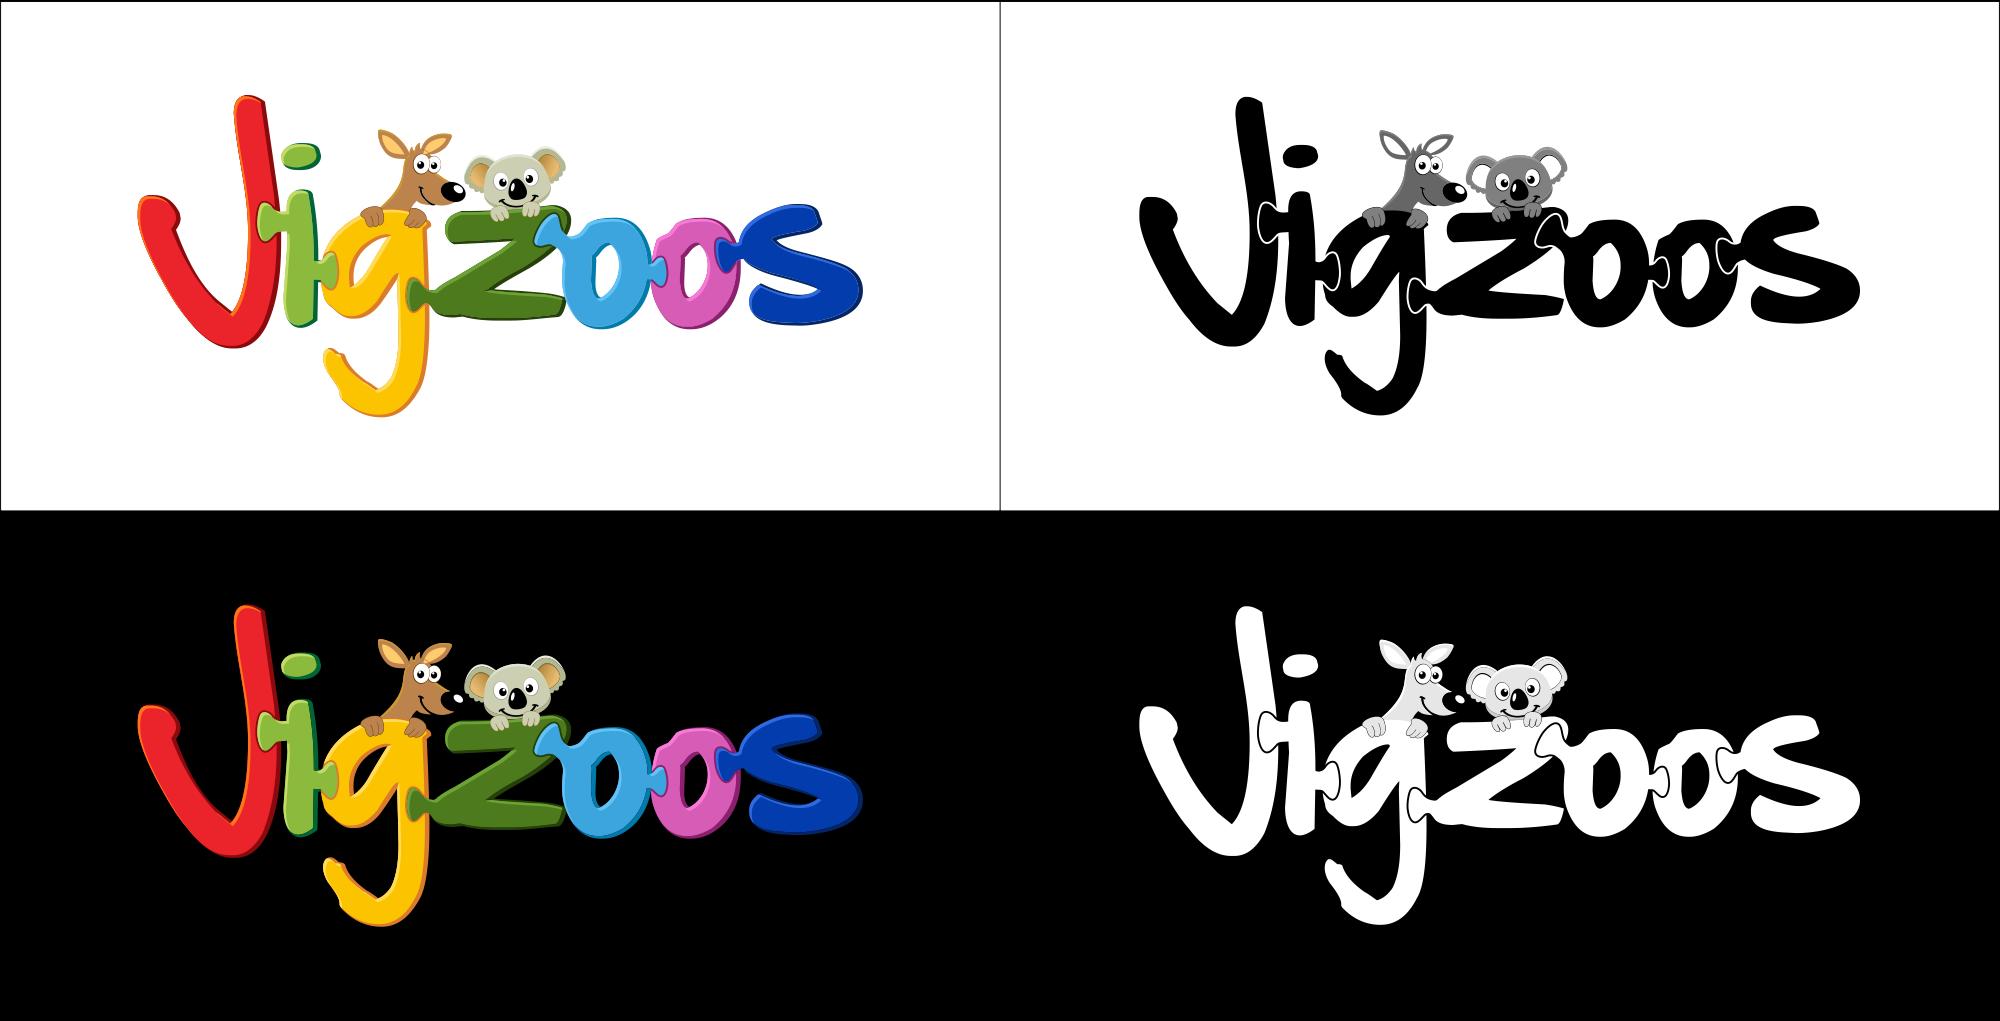 logo for Jigzoos Australia